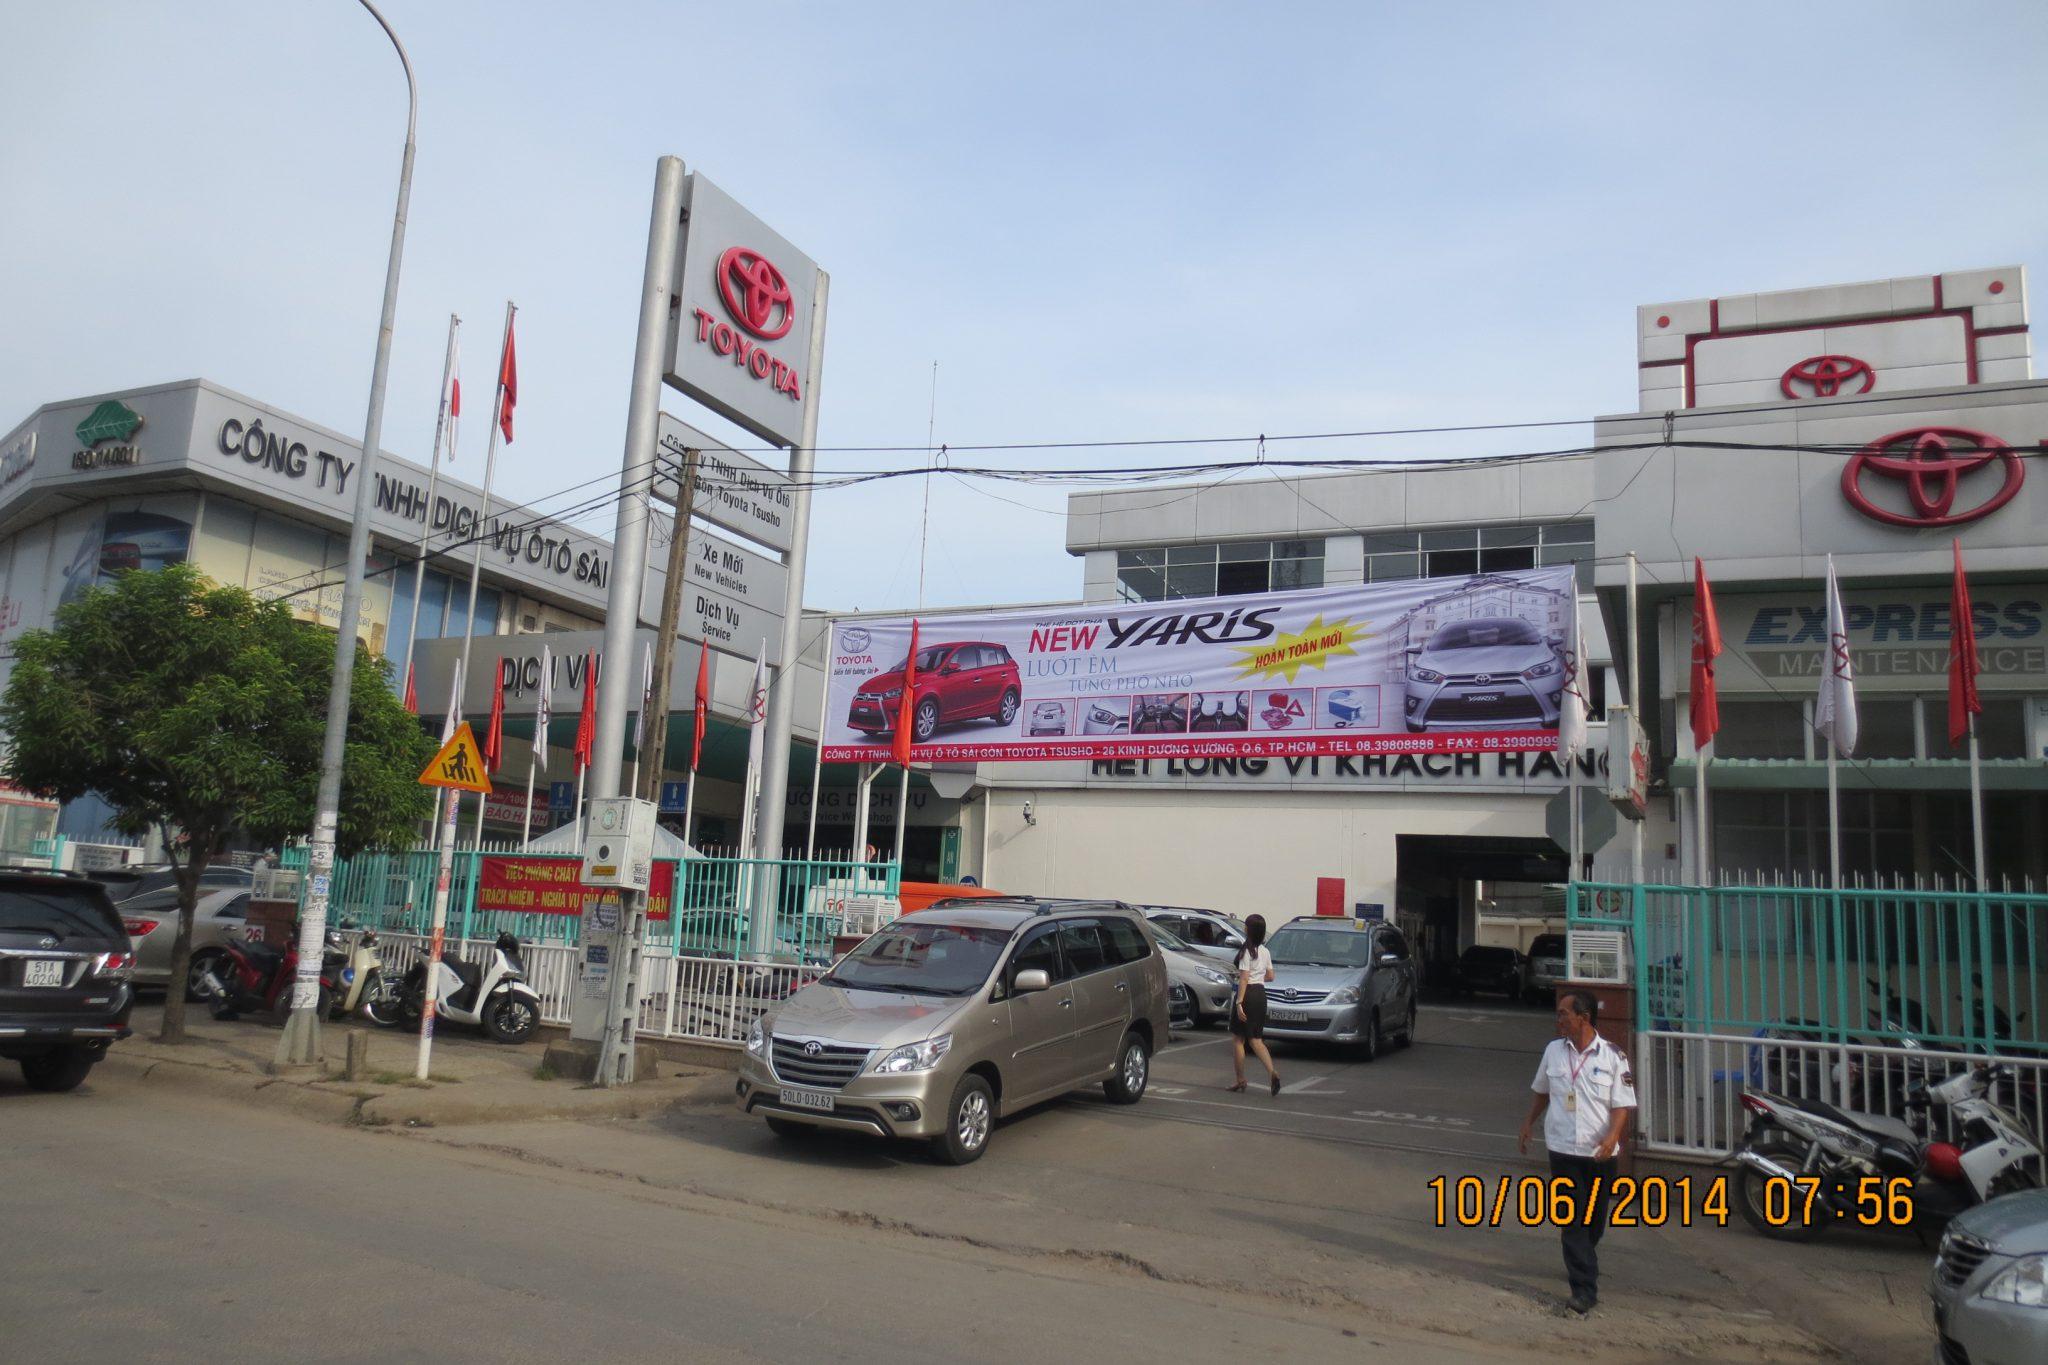 Toyota Hùng Vương Quận 6 ảnh 9 - Toyota Hùng Vương Quận 6